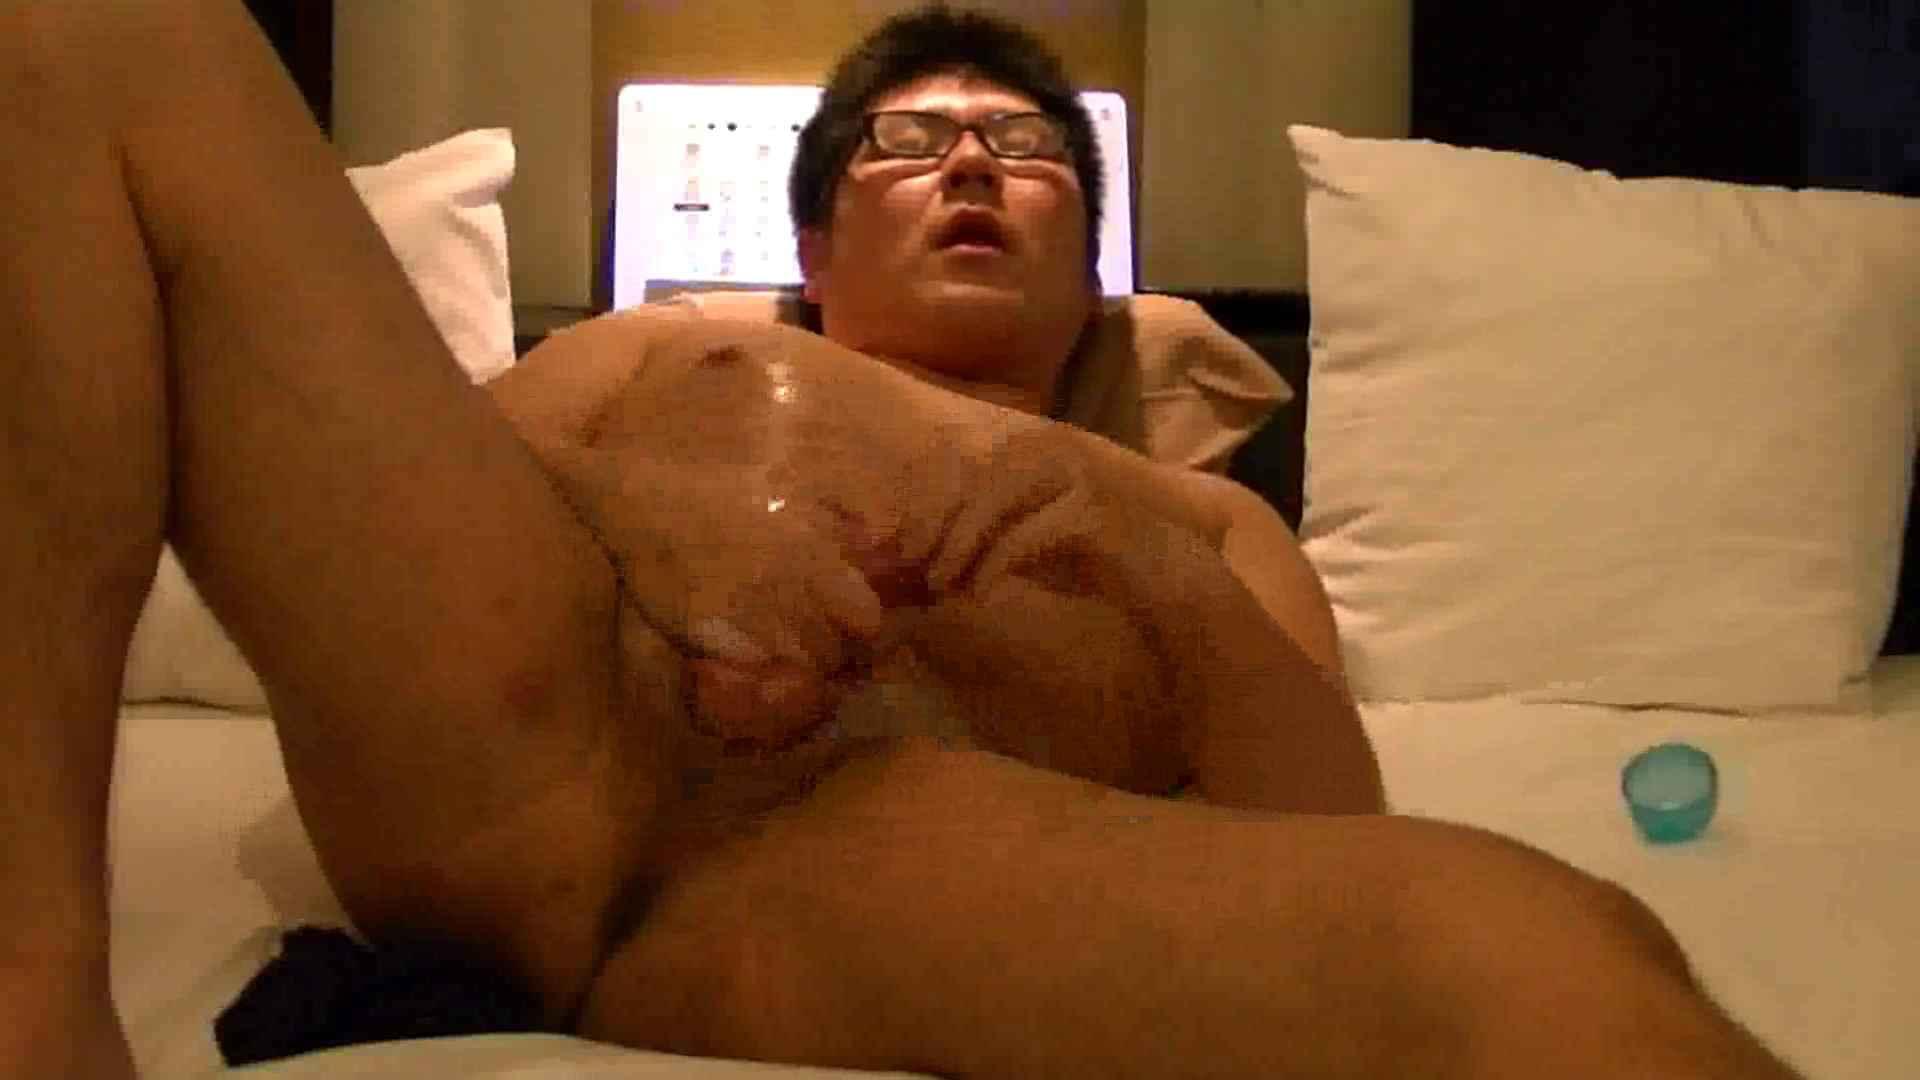 ONA見せカーニバル!! Vol5 メンズのエッチ   オナニー専門男子  81画像 57